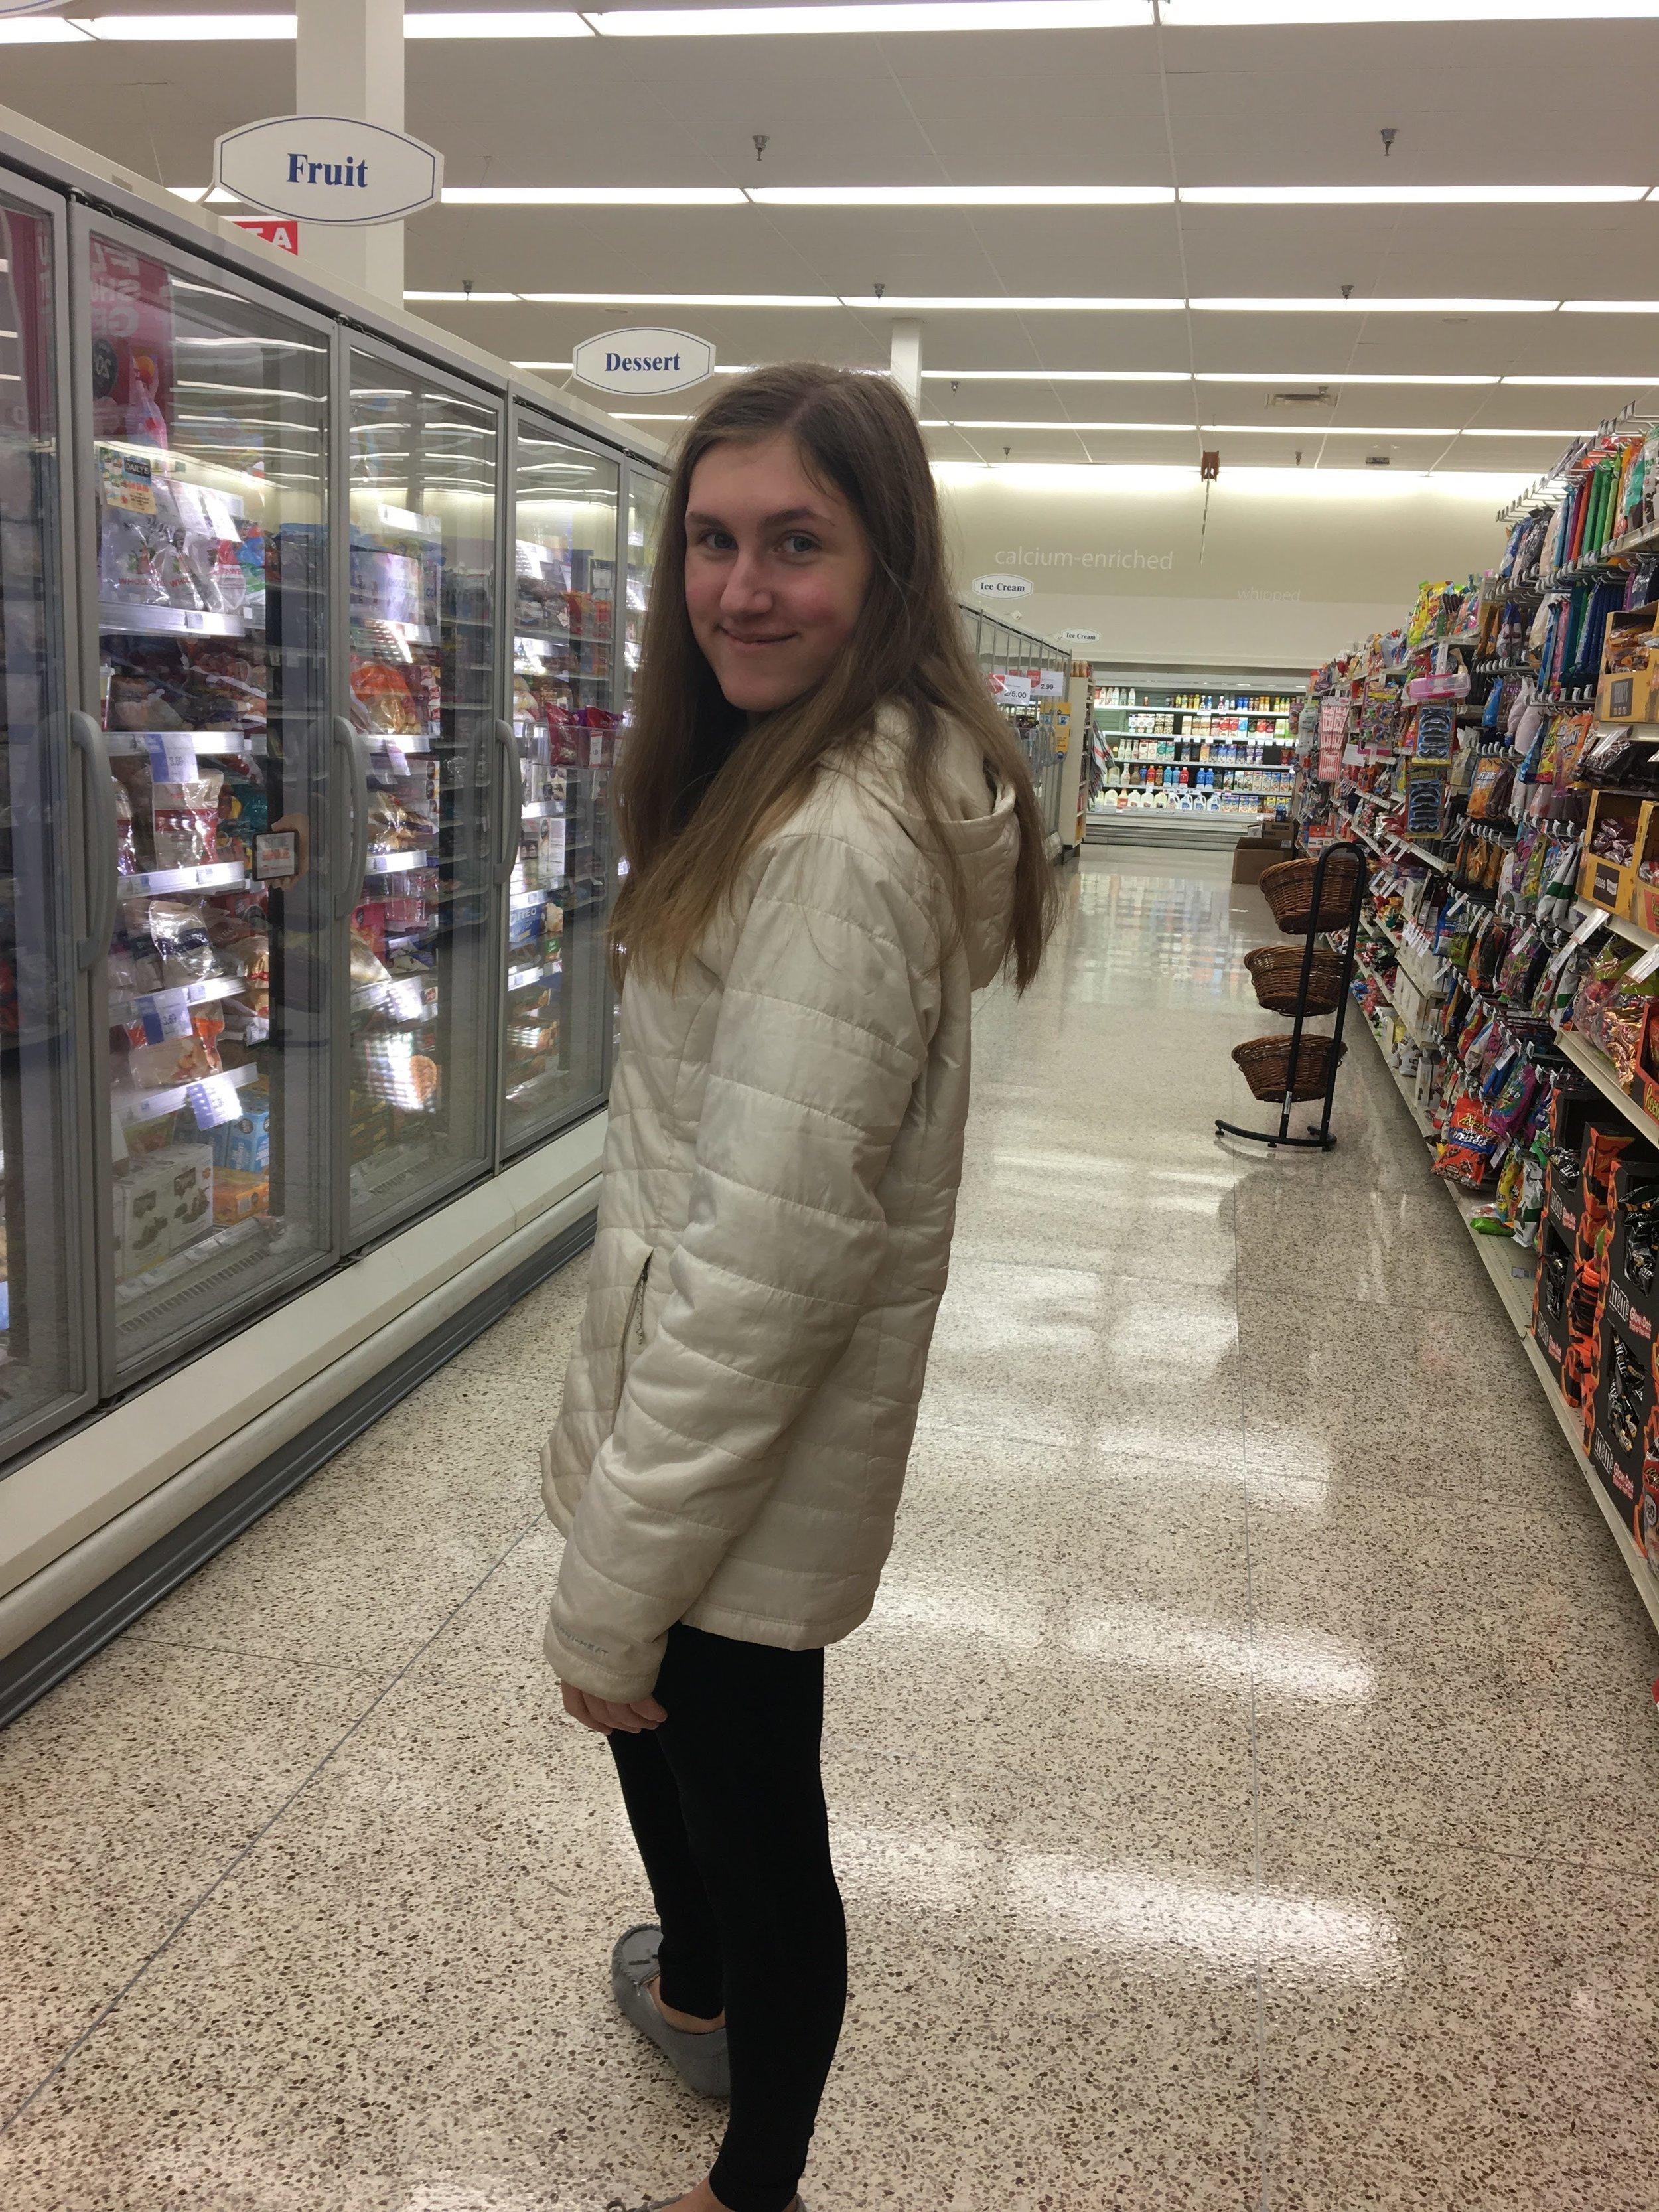 ashlee-grocery-store.jpg